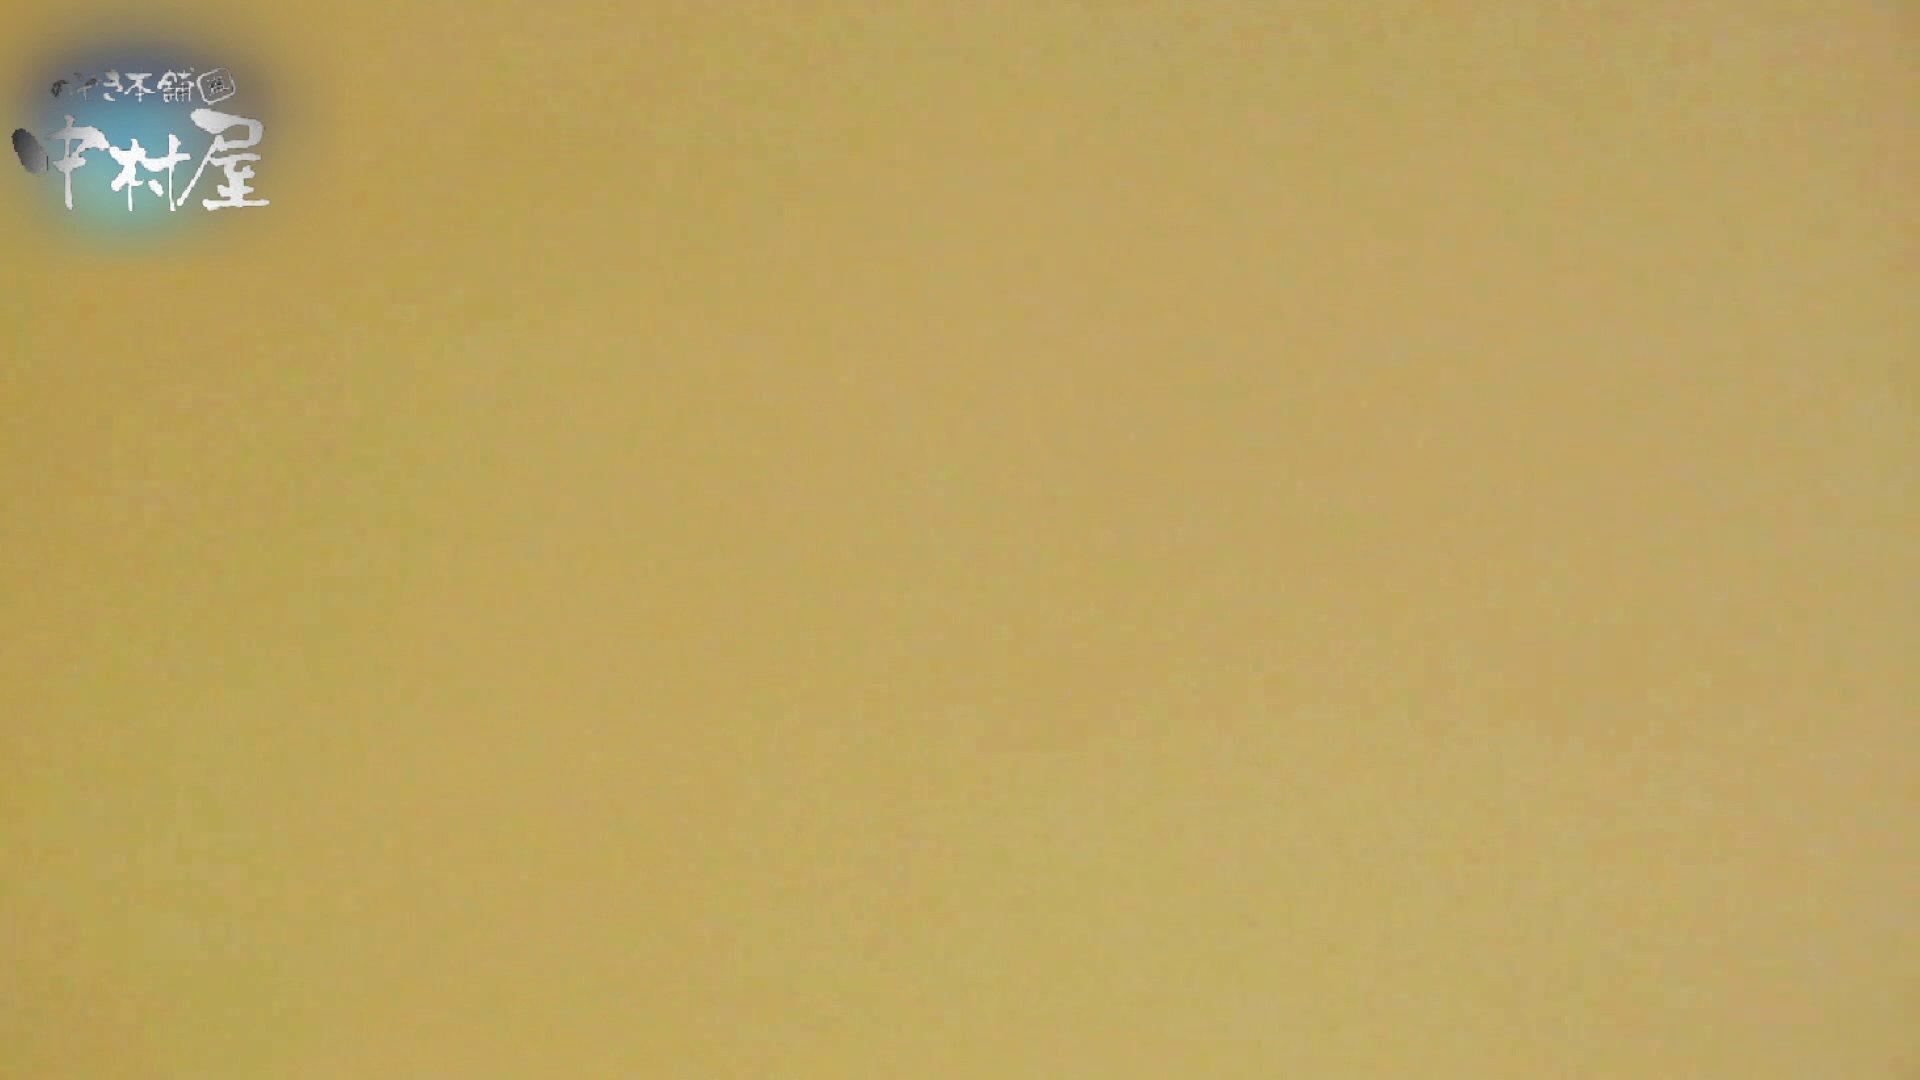 乙女集まる!ショッピングモール潜入撮vol.01 潜入 | OLセックス  101画像 37